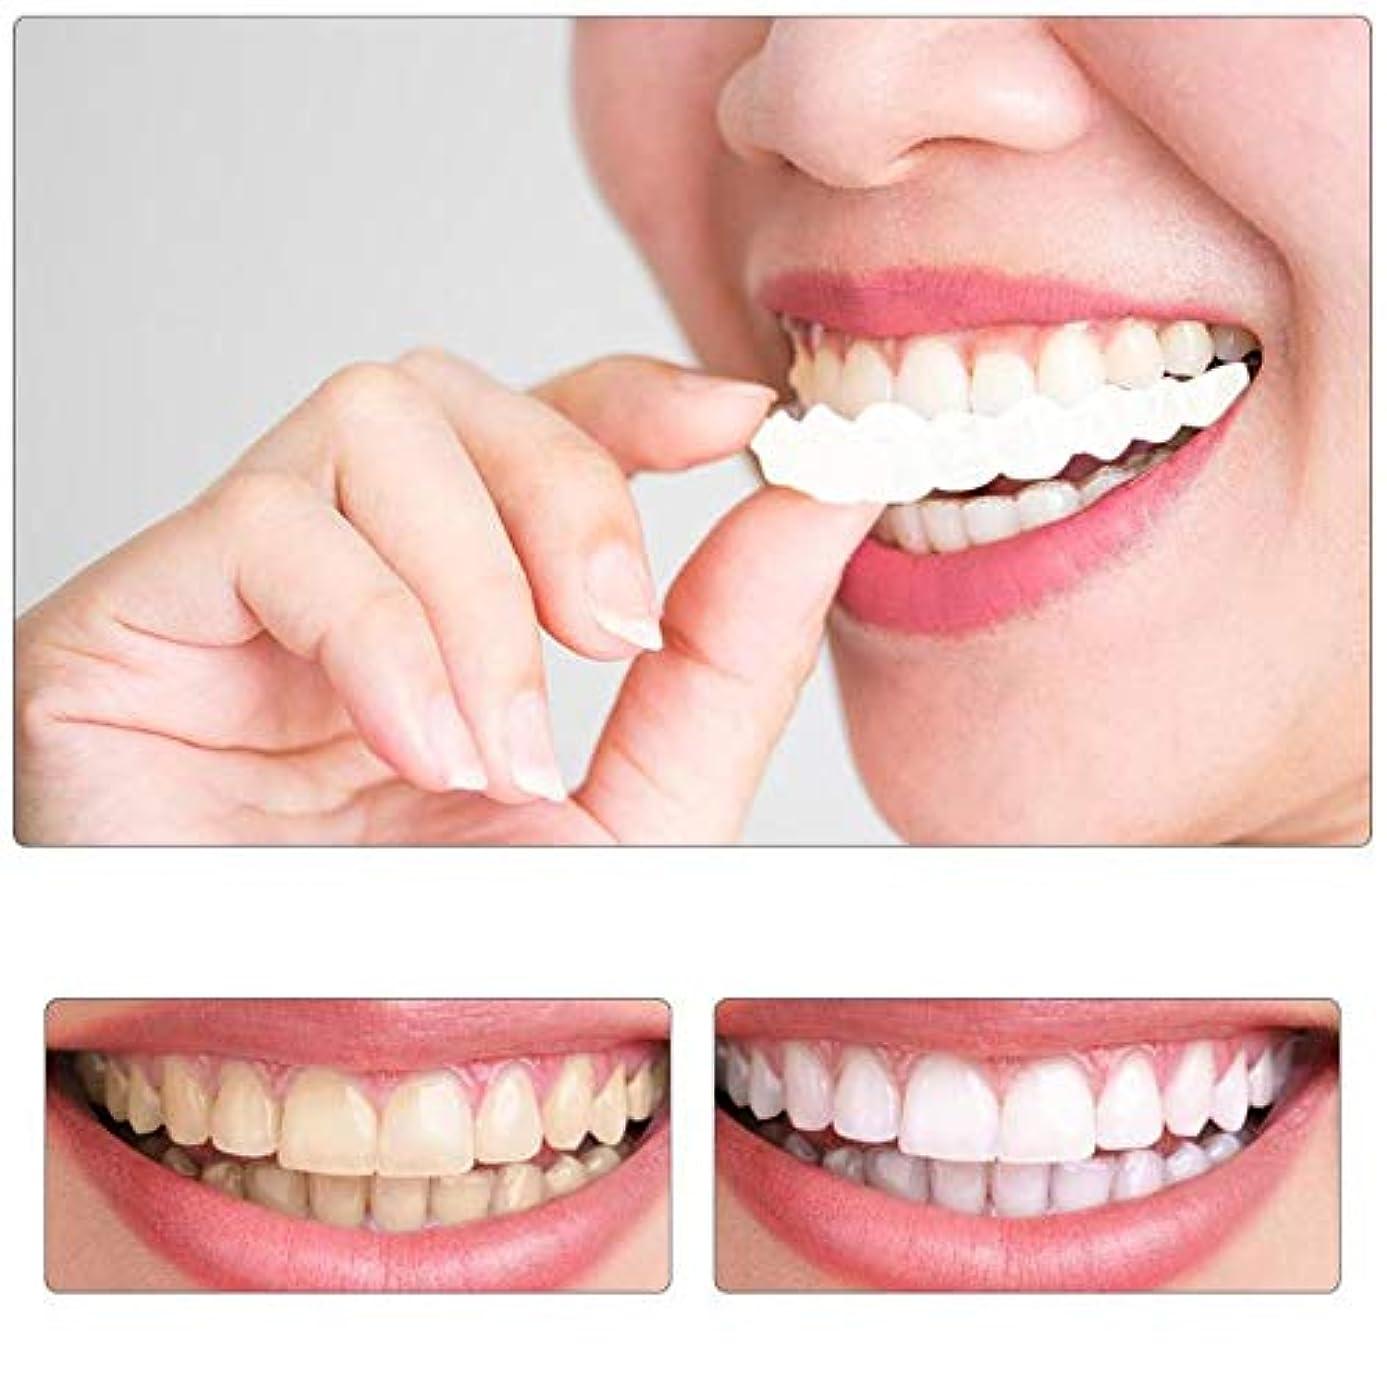 終了する物思いにふける連帯1ペア偽歯上部偽偽歯カバースナップオン即時歯化粧品義歯ケアオーラルケアプラスチックホワイトニング義歯